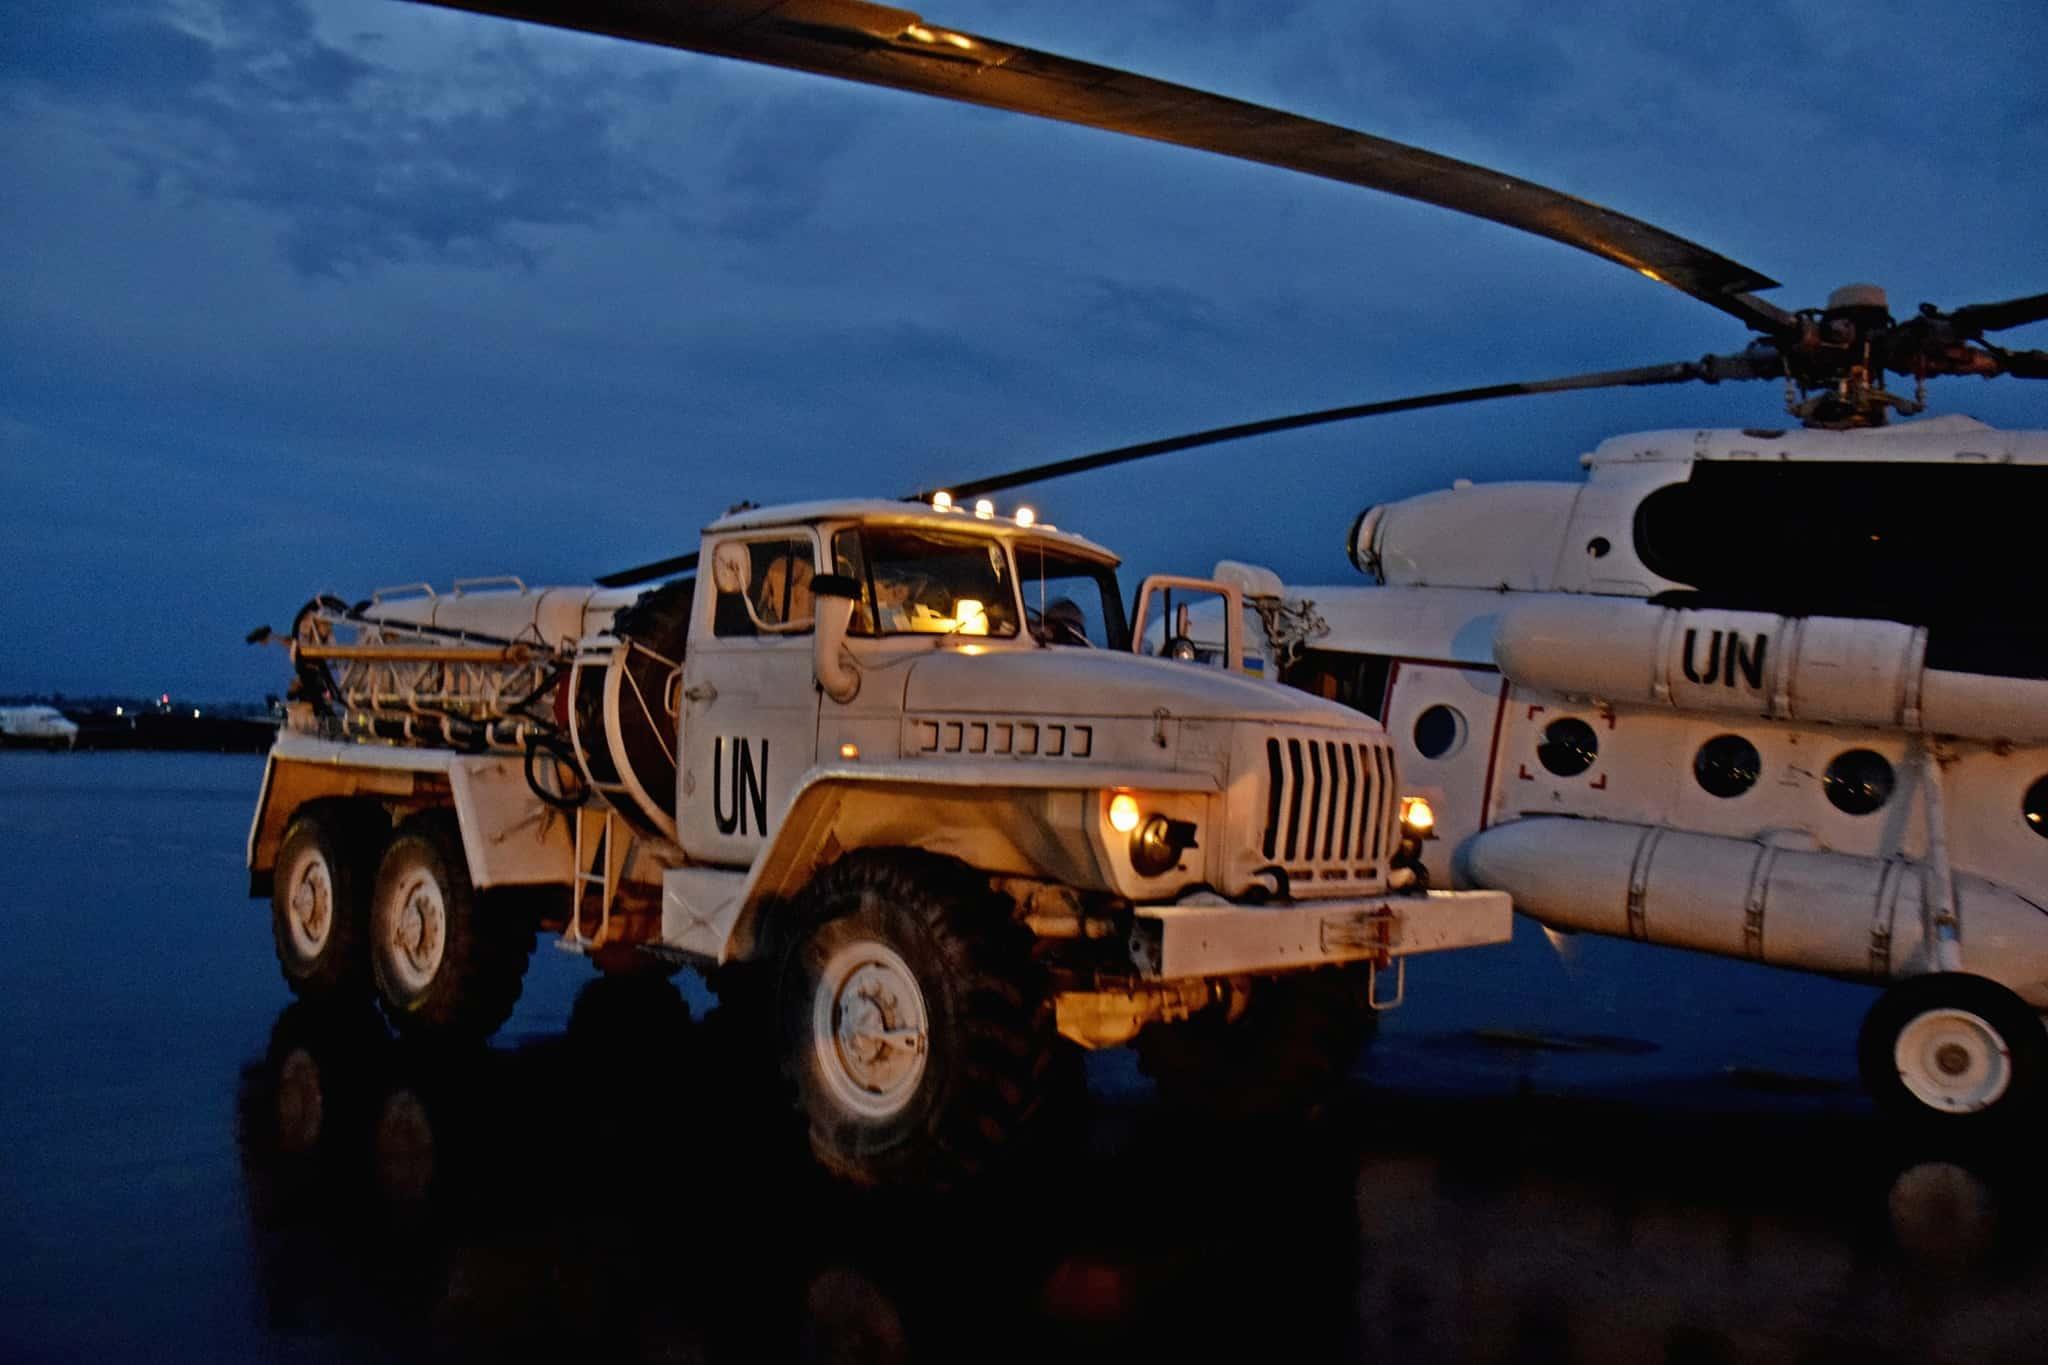 Аеродромний пусковий агрегат АПА-5Д та гелікоптер Мі-8 зі складу 18 окремого вертолітного загону